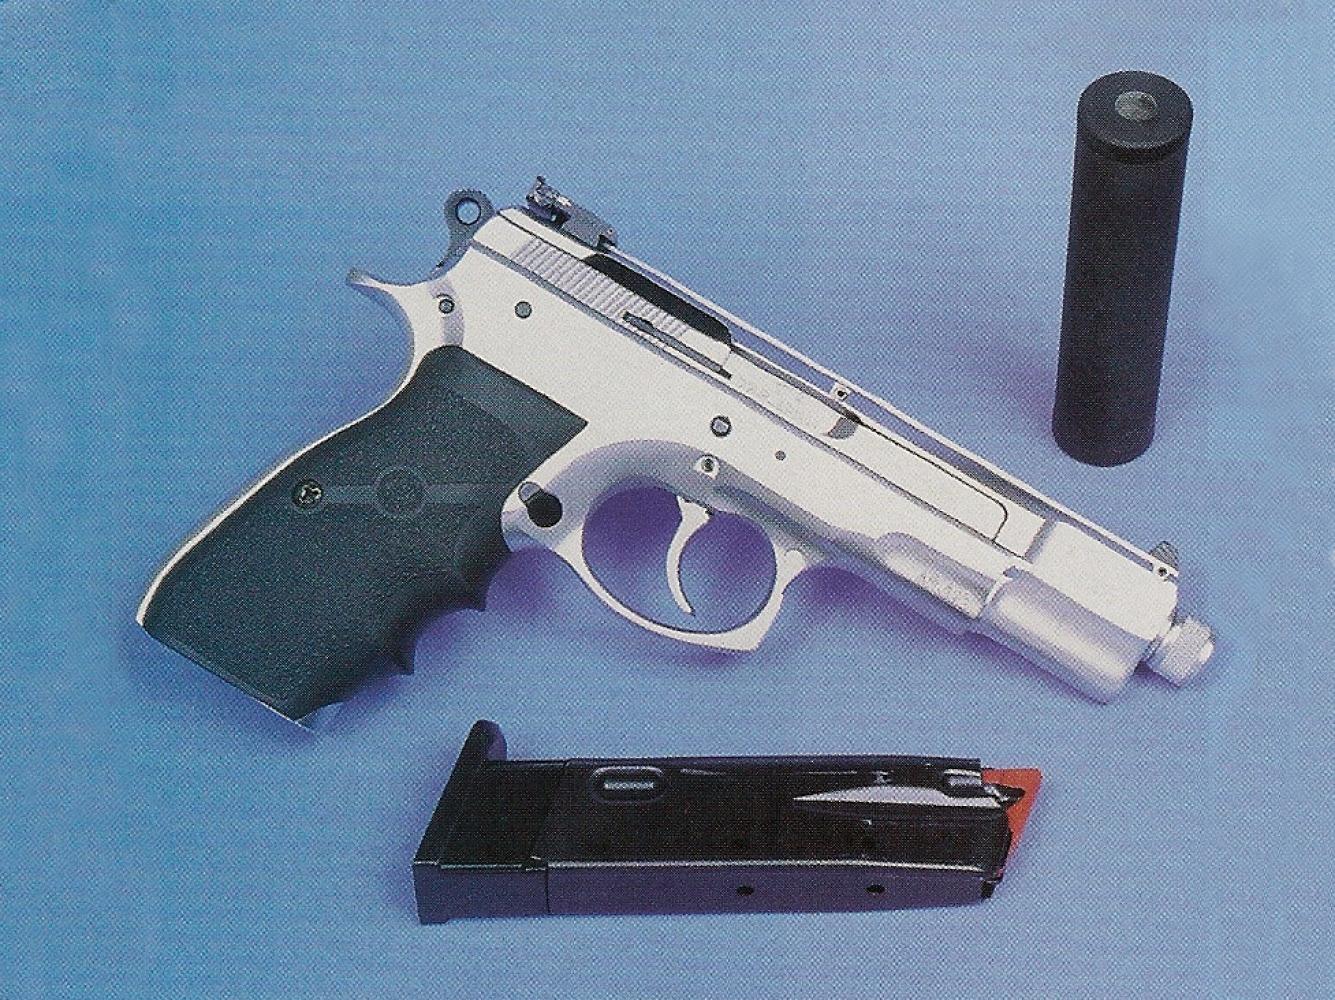 La conversion « Kadet » munie du silencieux permet de s'entraîner sans frais et sans bruit tout en conservant le poids et la prise en main du CZ-75.